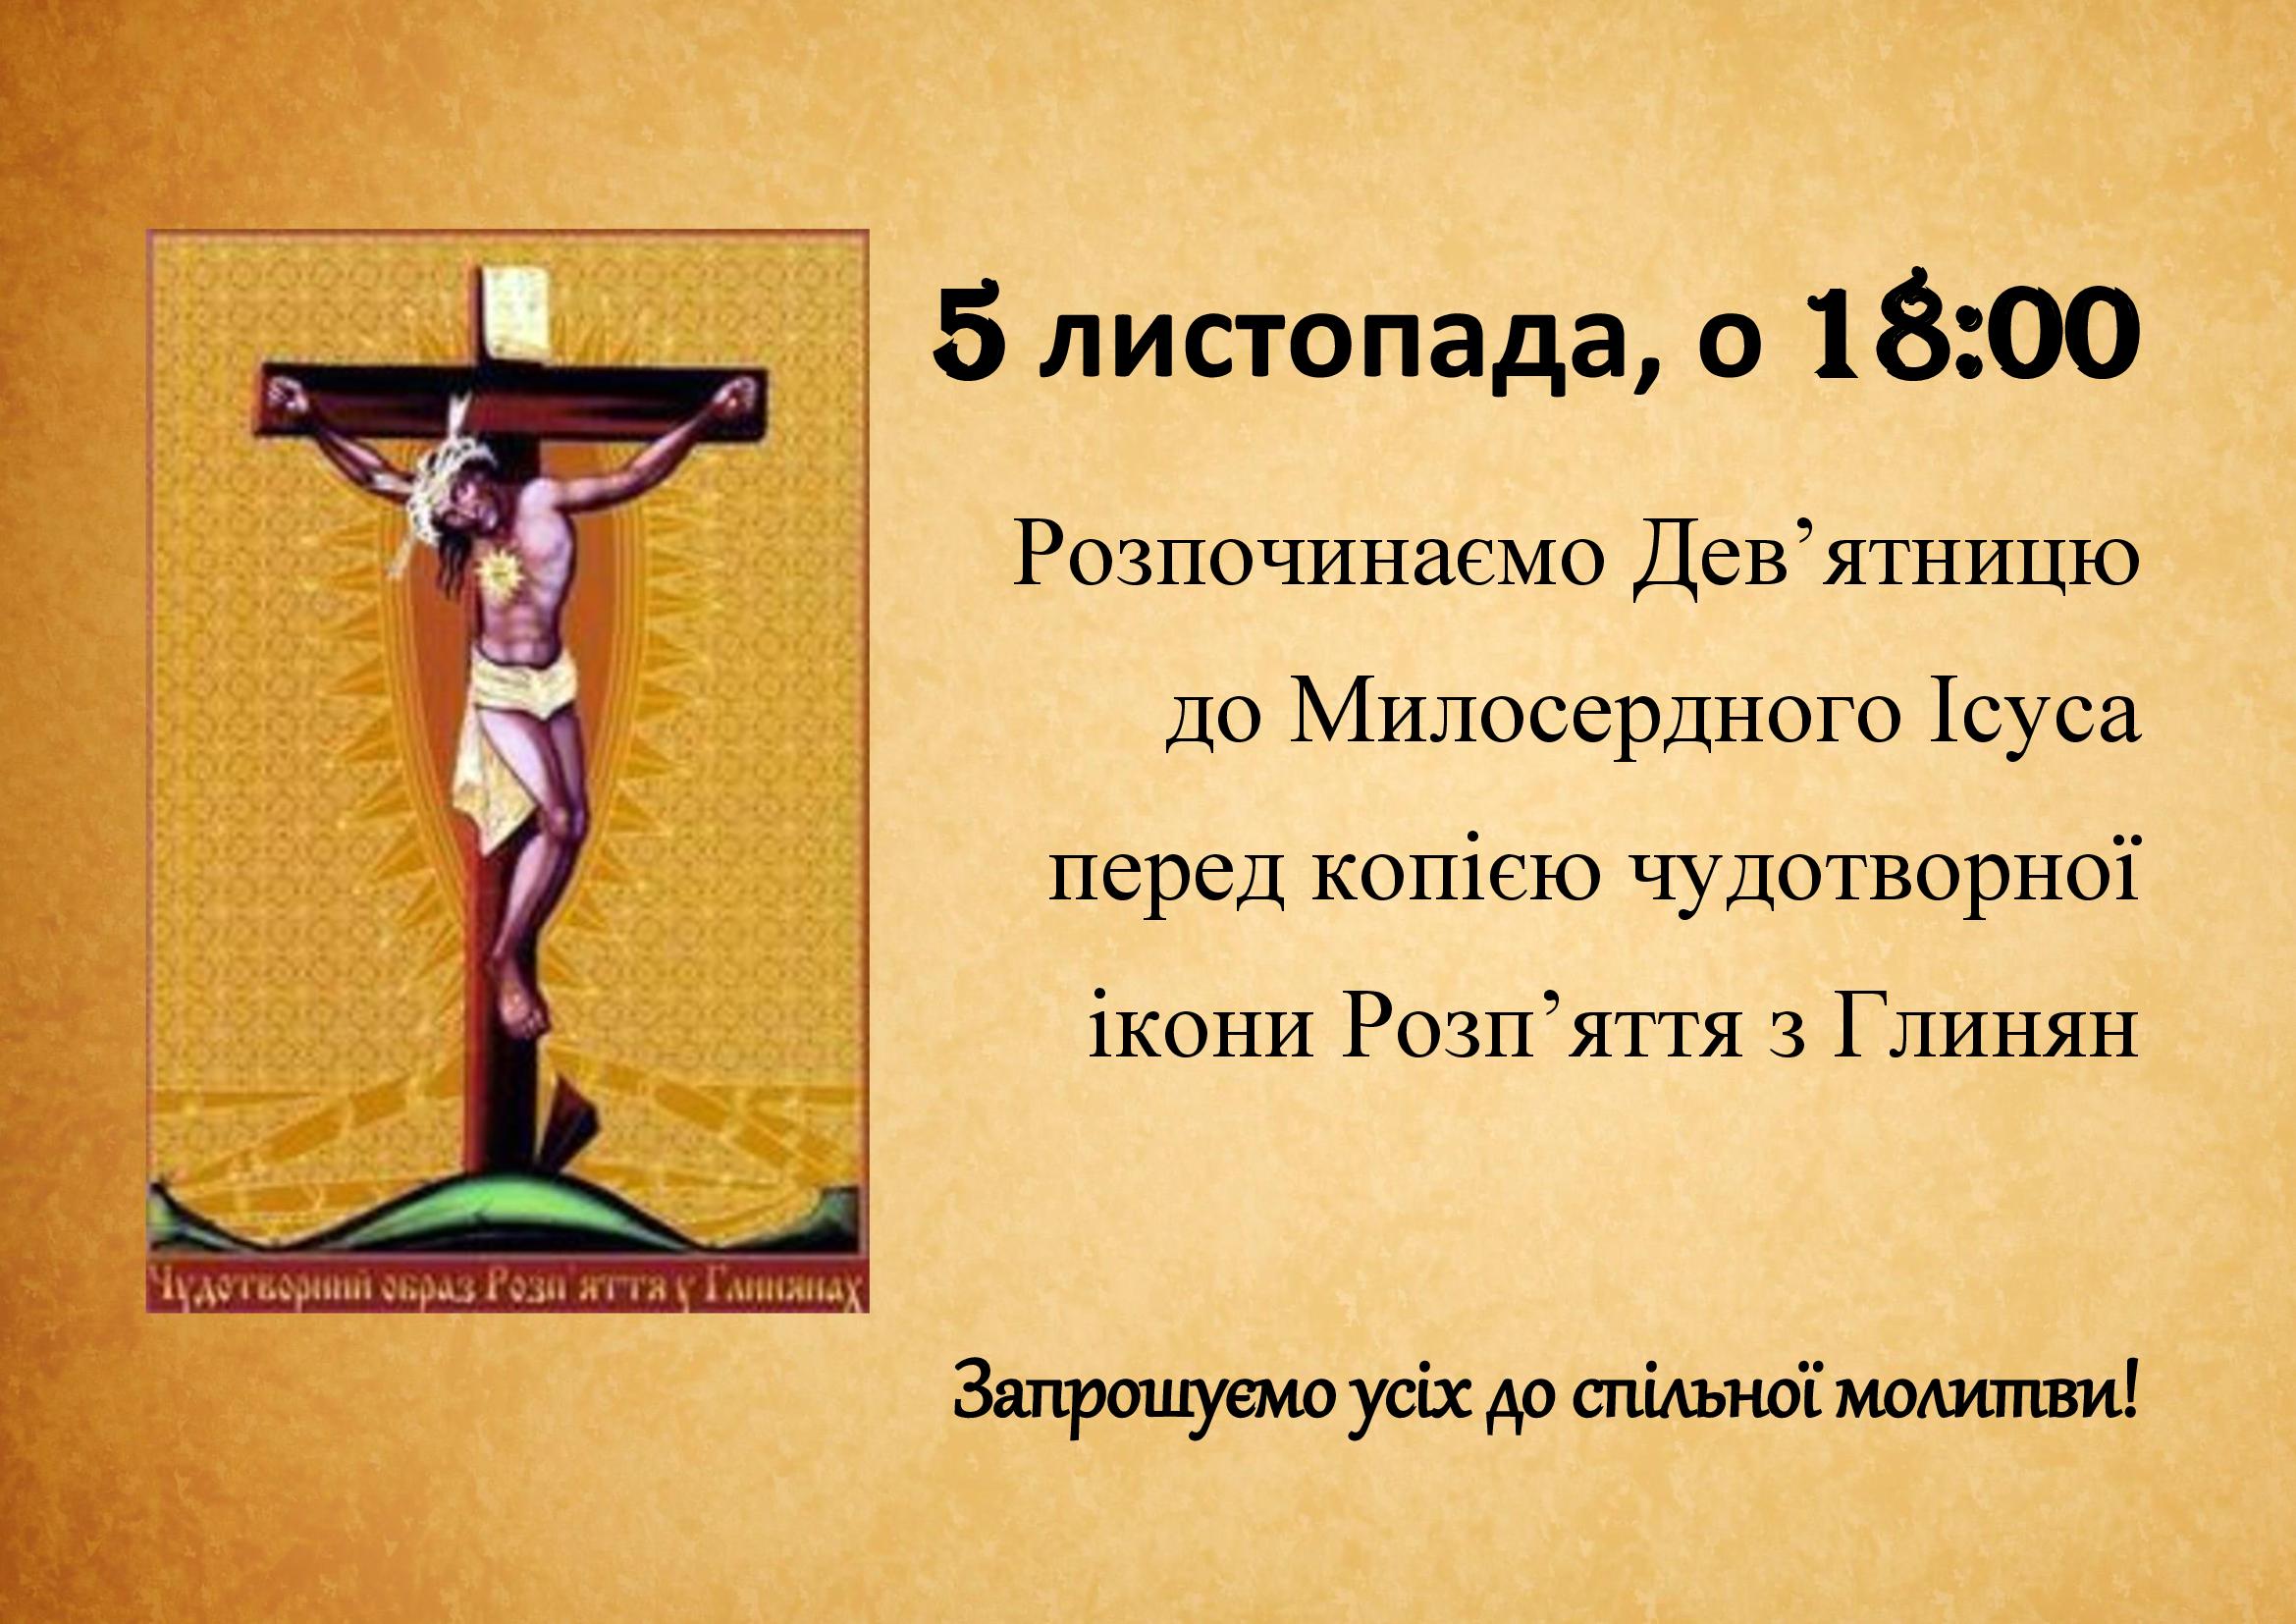 Розпочинаємо Дев'ятницю перед копією чудотворної ікони Розп'яття з Глинян